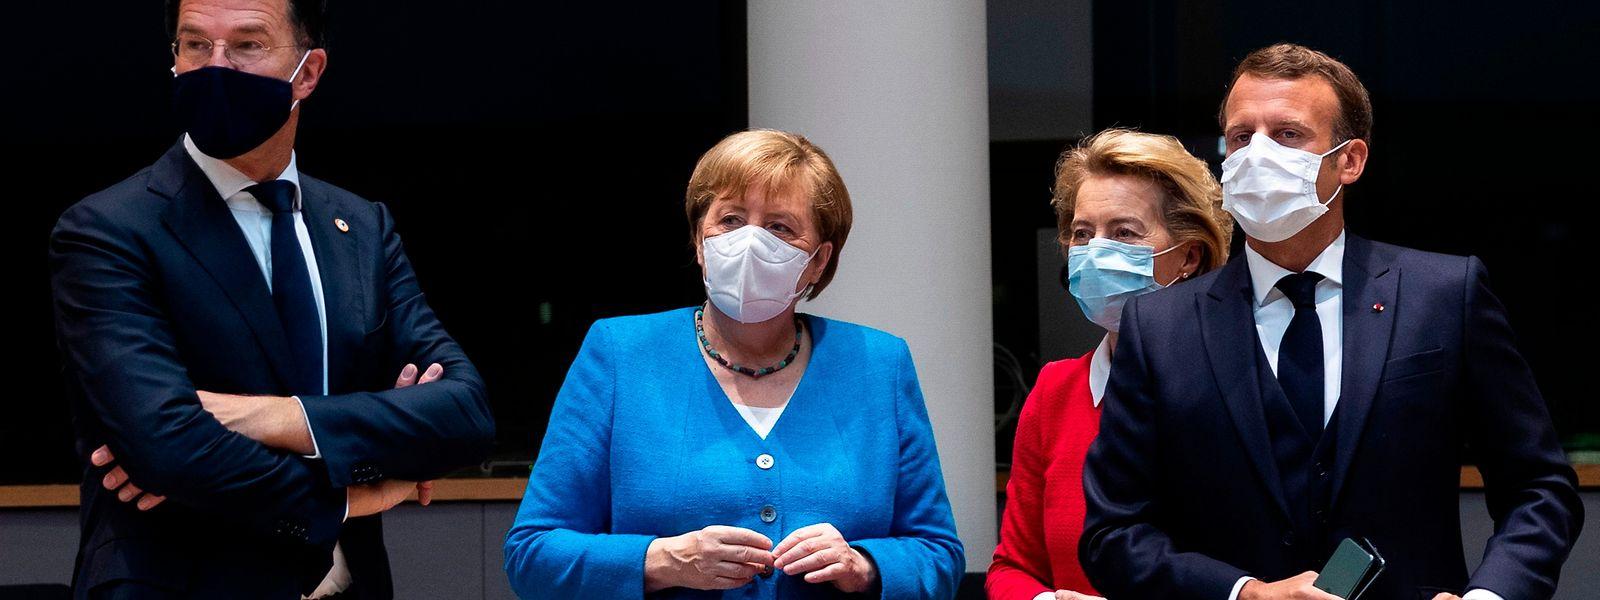 EInigkeit nicht in Sicht: der niederländische Premier Mark Rutte (l) neben der deutschen Kanzlerin Angela Merkel (2vl) und der Präsidenten der Kommissioen Ursula von der Leyen (2vr) und dem franzöischen Präsidenten Emmanuel Macron.